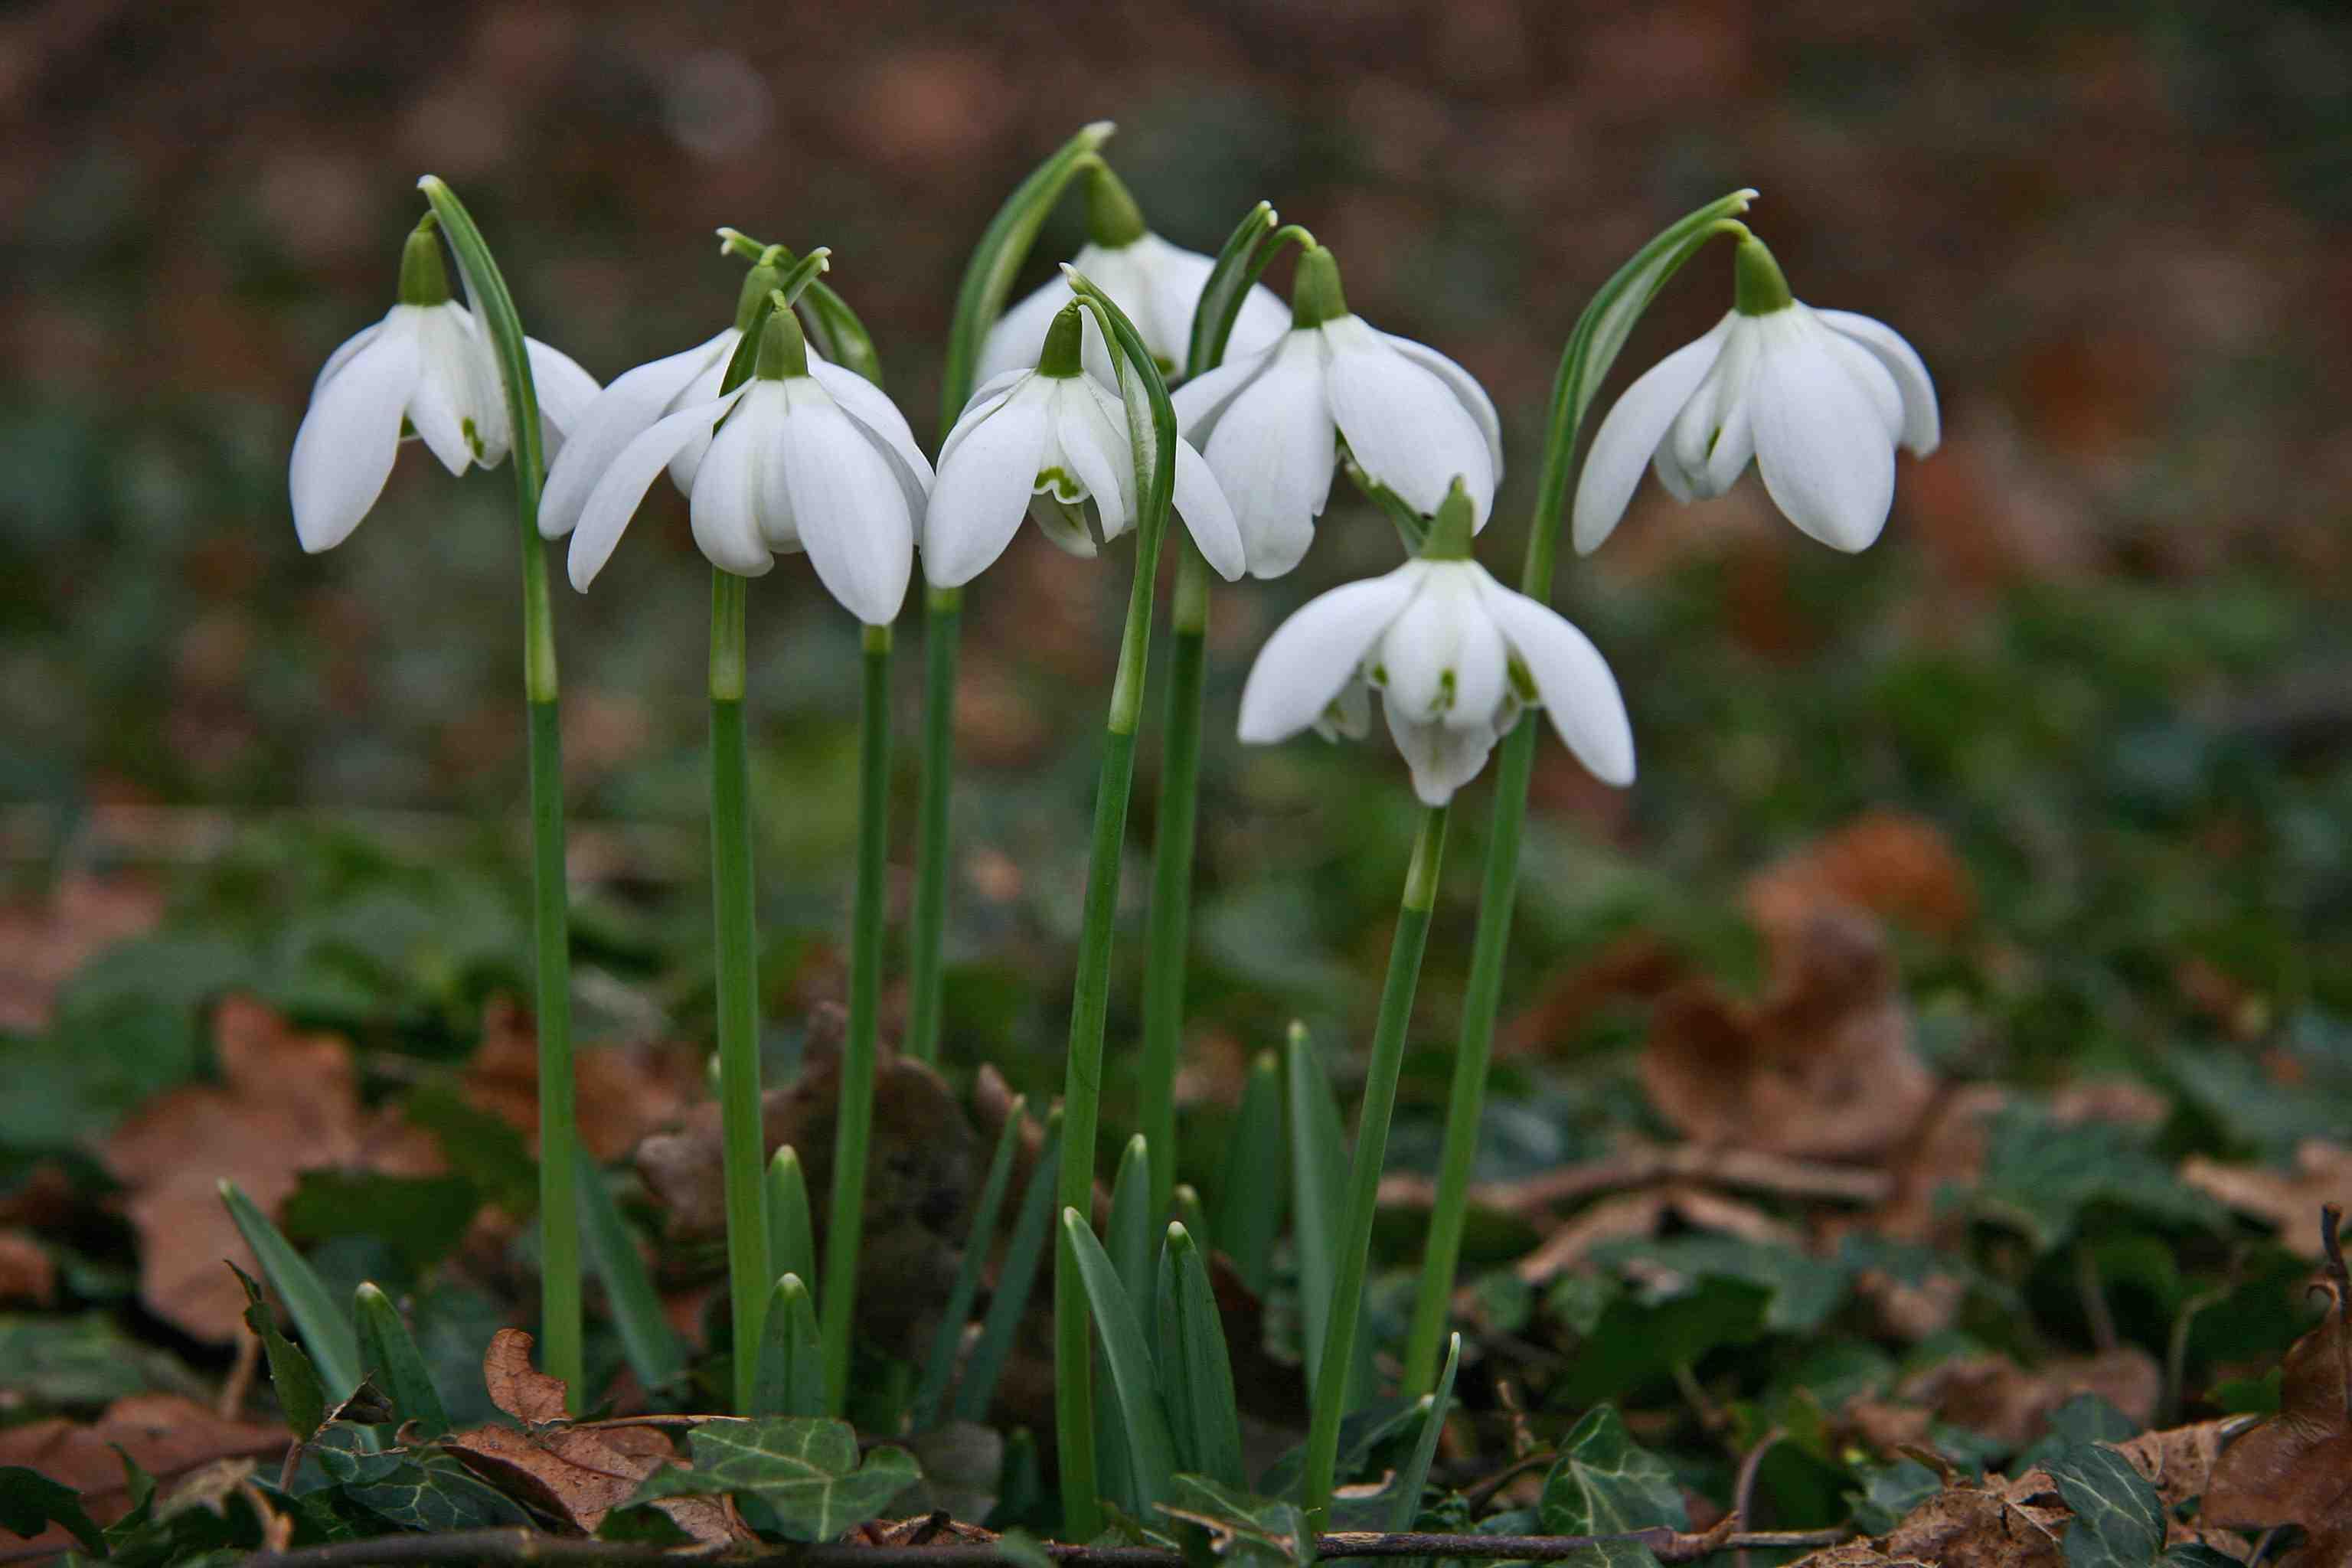 Ces Bulbes Qui Apportent Le Printemps – Jardinier Paresseux encequiconcerne Fleur Qui Pousse Au Printemps